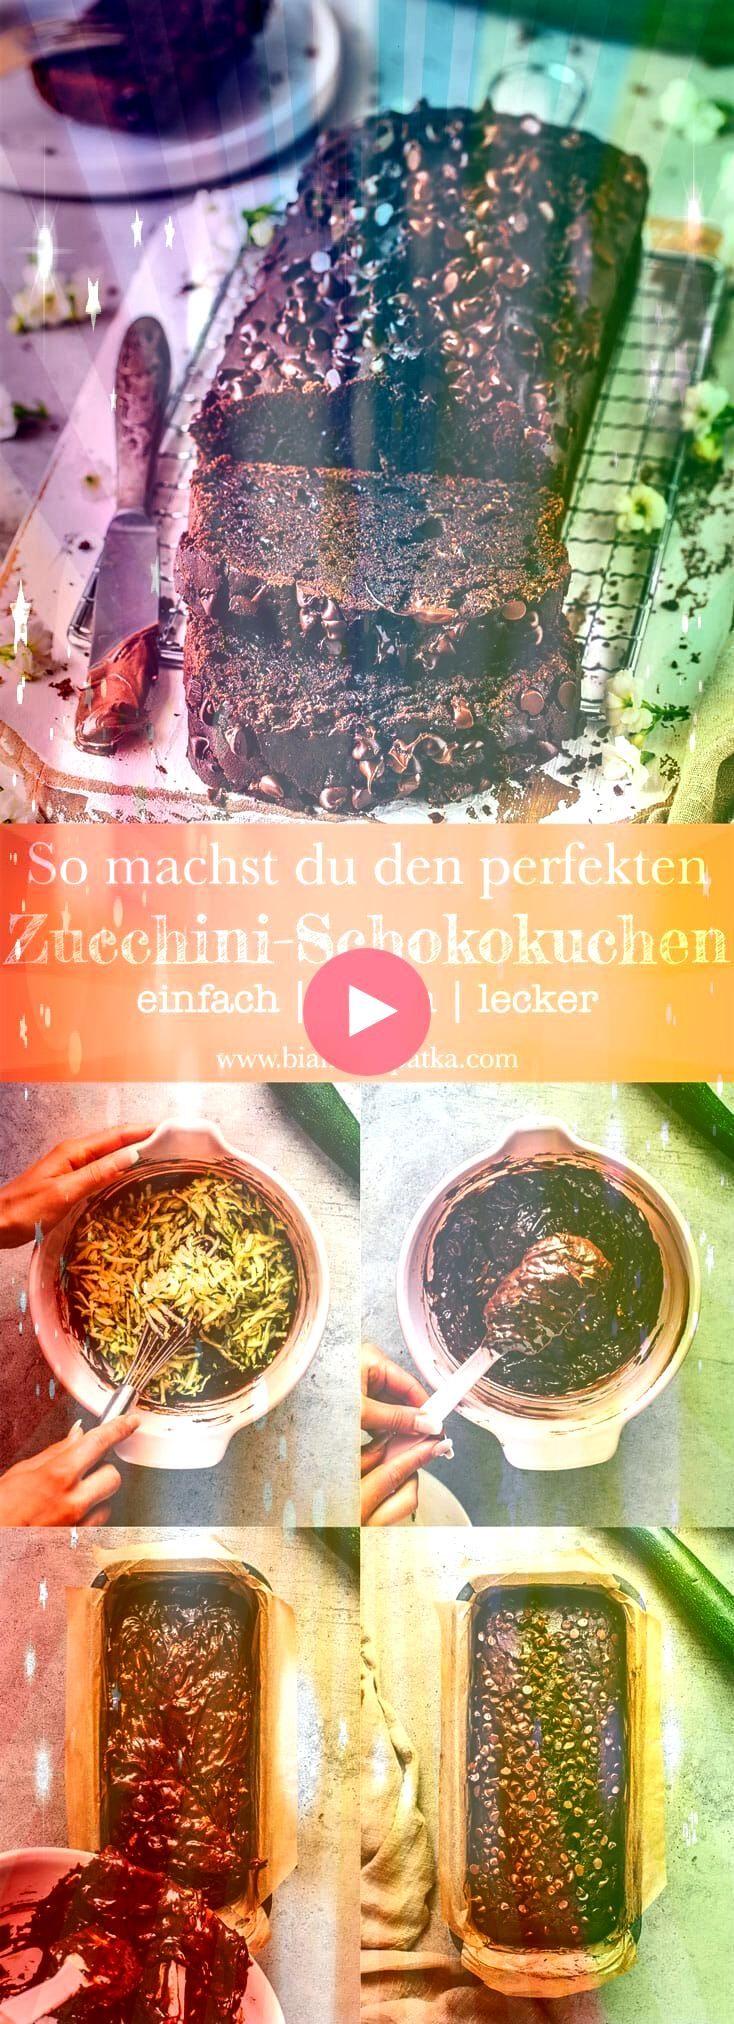 zucchini chocolate cake  Rezepte Kuchen  Torten Vegan zucchini chocolate cake  Rezepte Kuchen  Torten  Protein Brownies mit Bohnen ohne Mehl ohne weissen Zucker vegan bac...